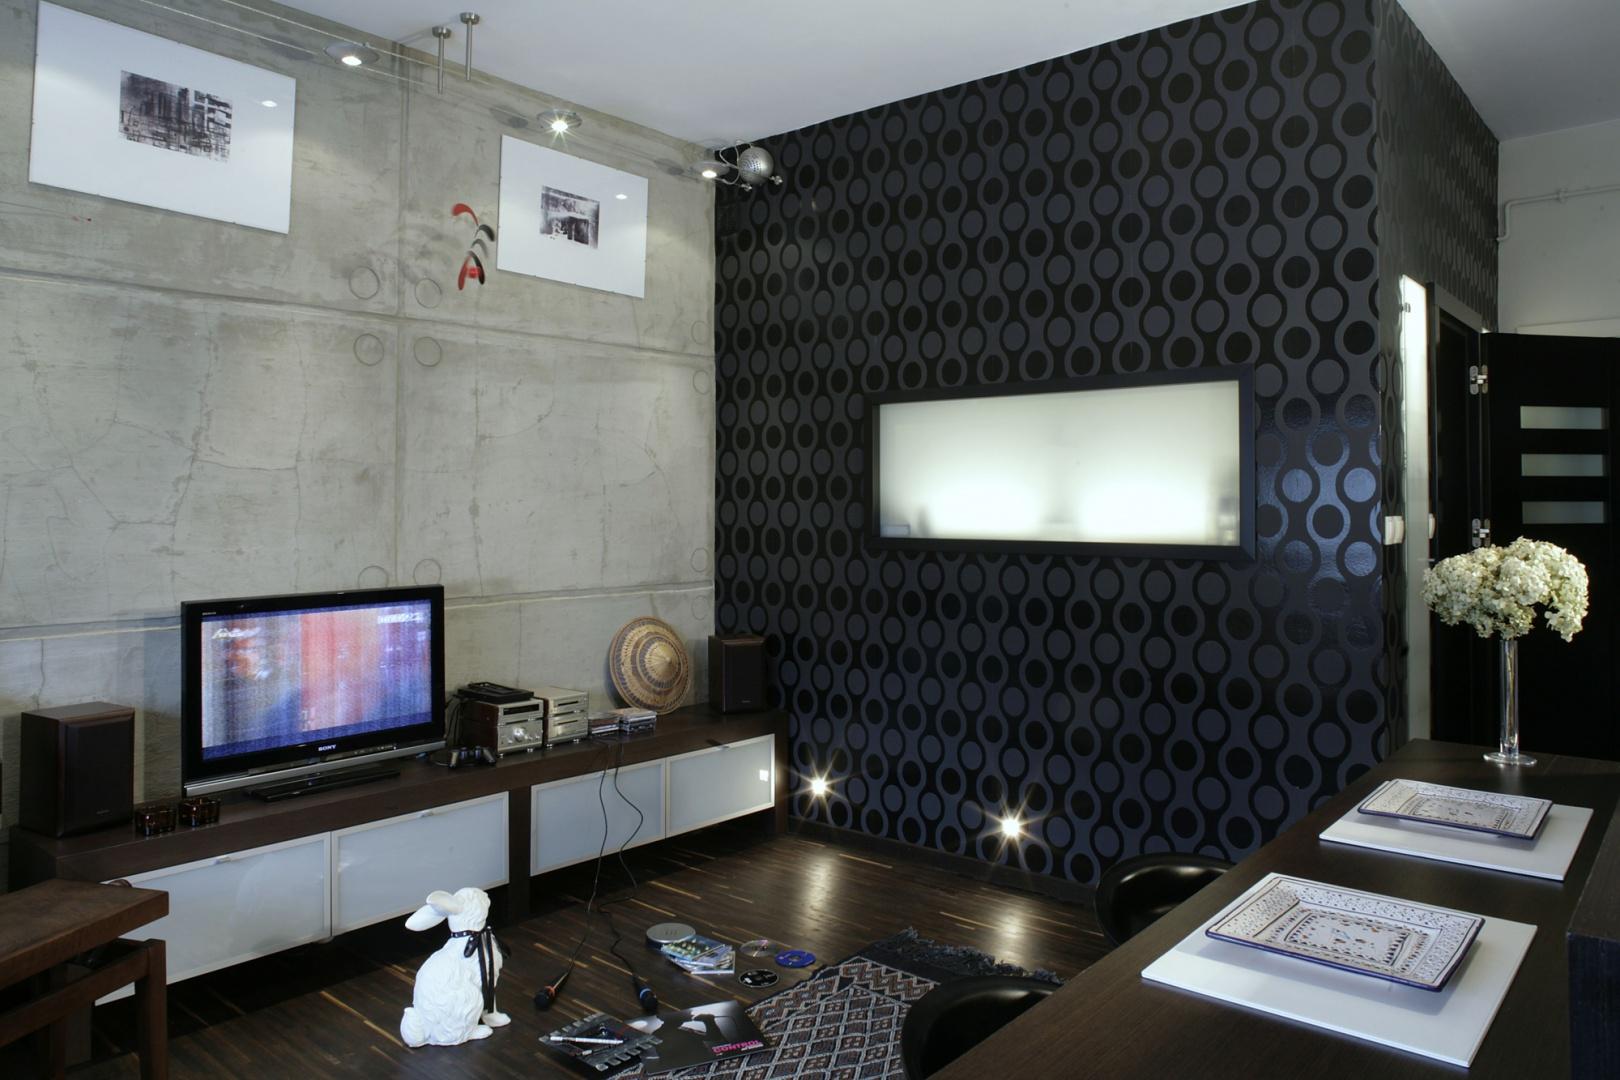 Ściany łazienki (od strony salonu) oklejono tapetą z wzorem w stylu op-art. Tafla mlecznego szkła pełni nie tylko rolę dekoracyjną, ale jest też praktyczna. Wpuszcza do wnętrza łazienki dzienne światło z salonu. Fot. Monika Filipiuk.